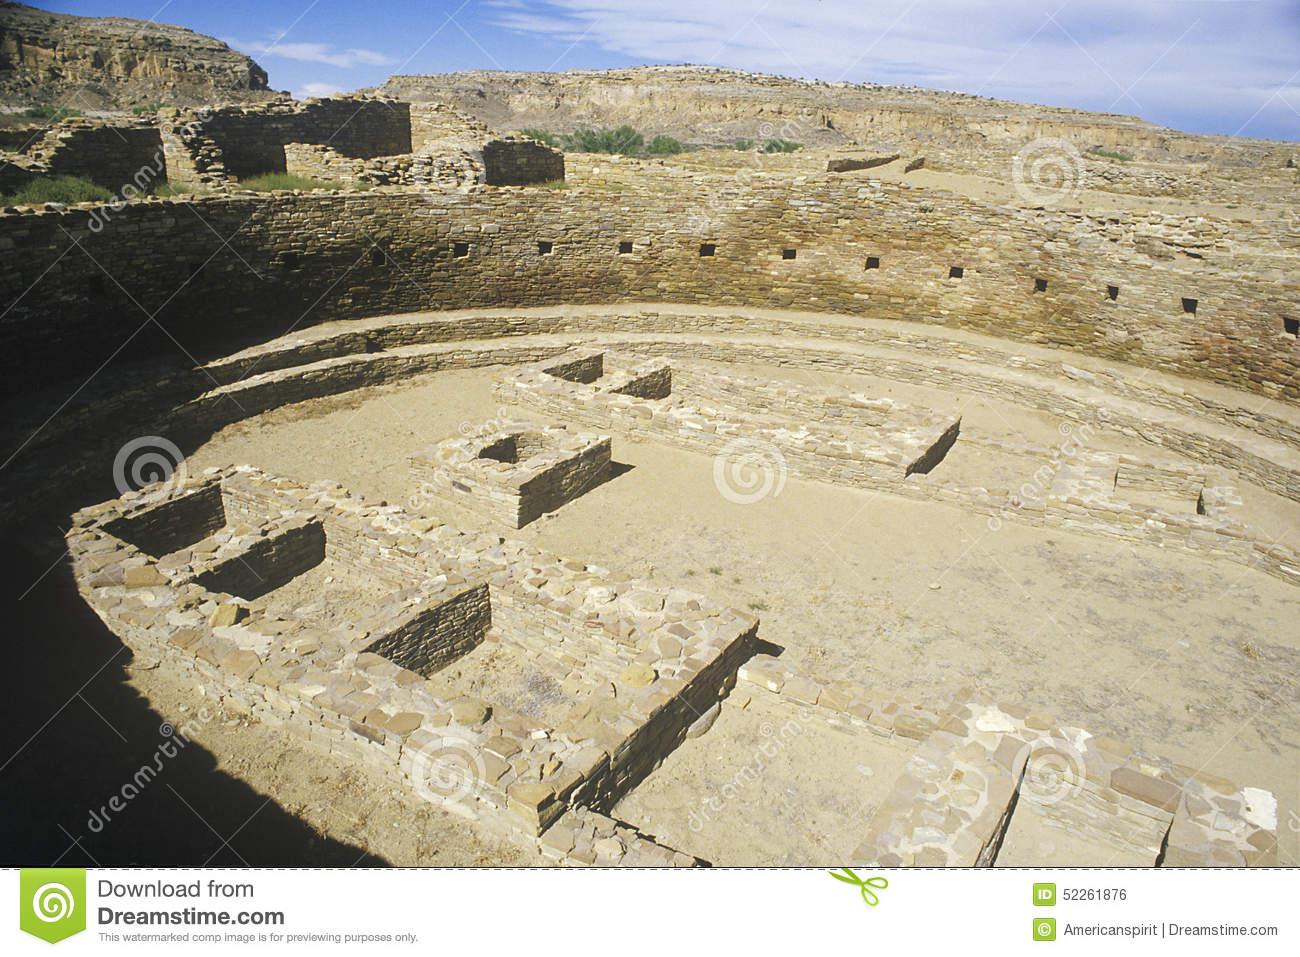 Ceremonial Kiva At Chaco Canyon Indian Ruins, NM, Circa 1060, The.